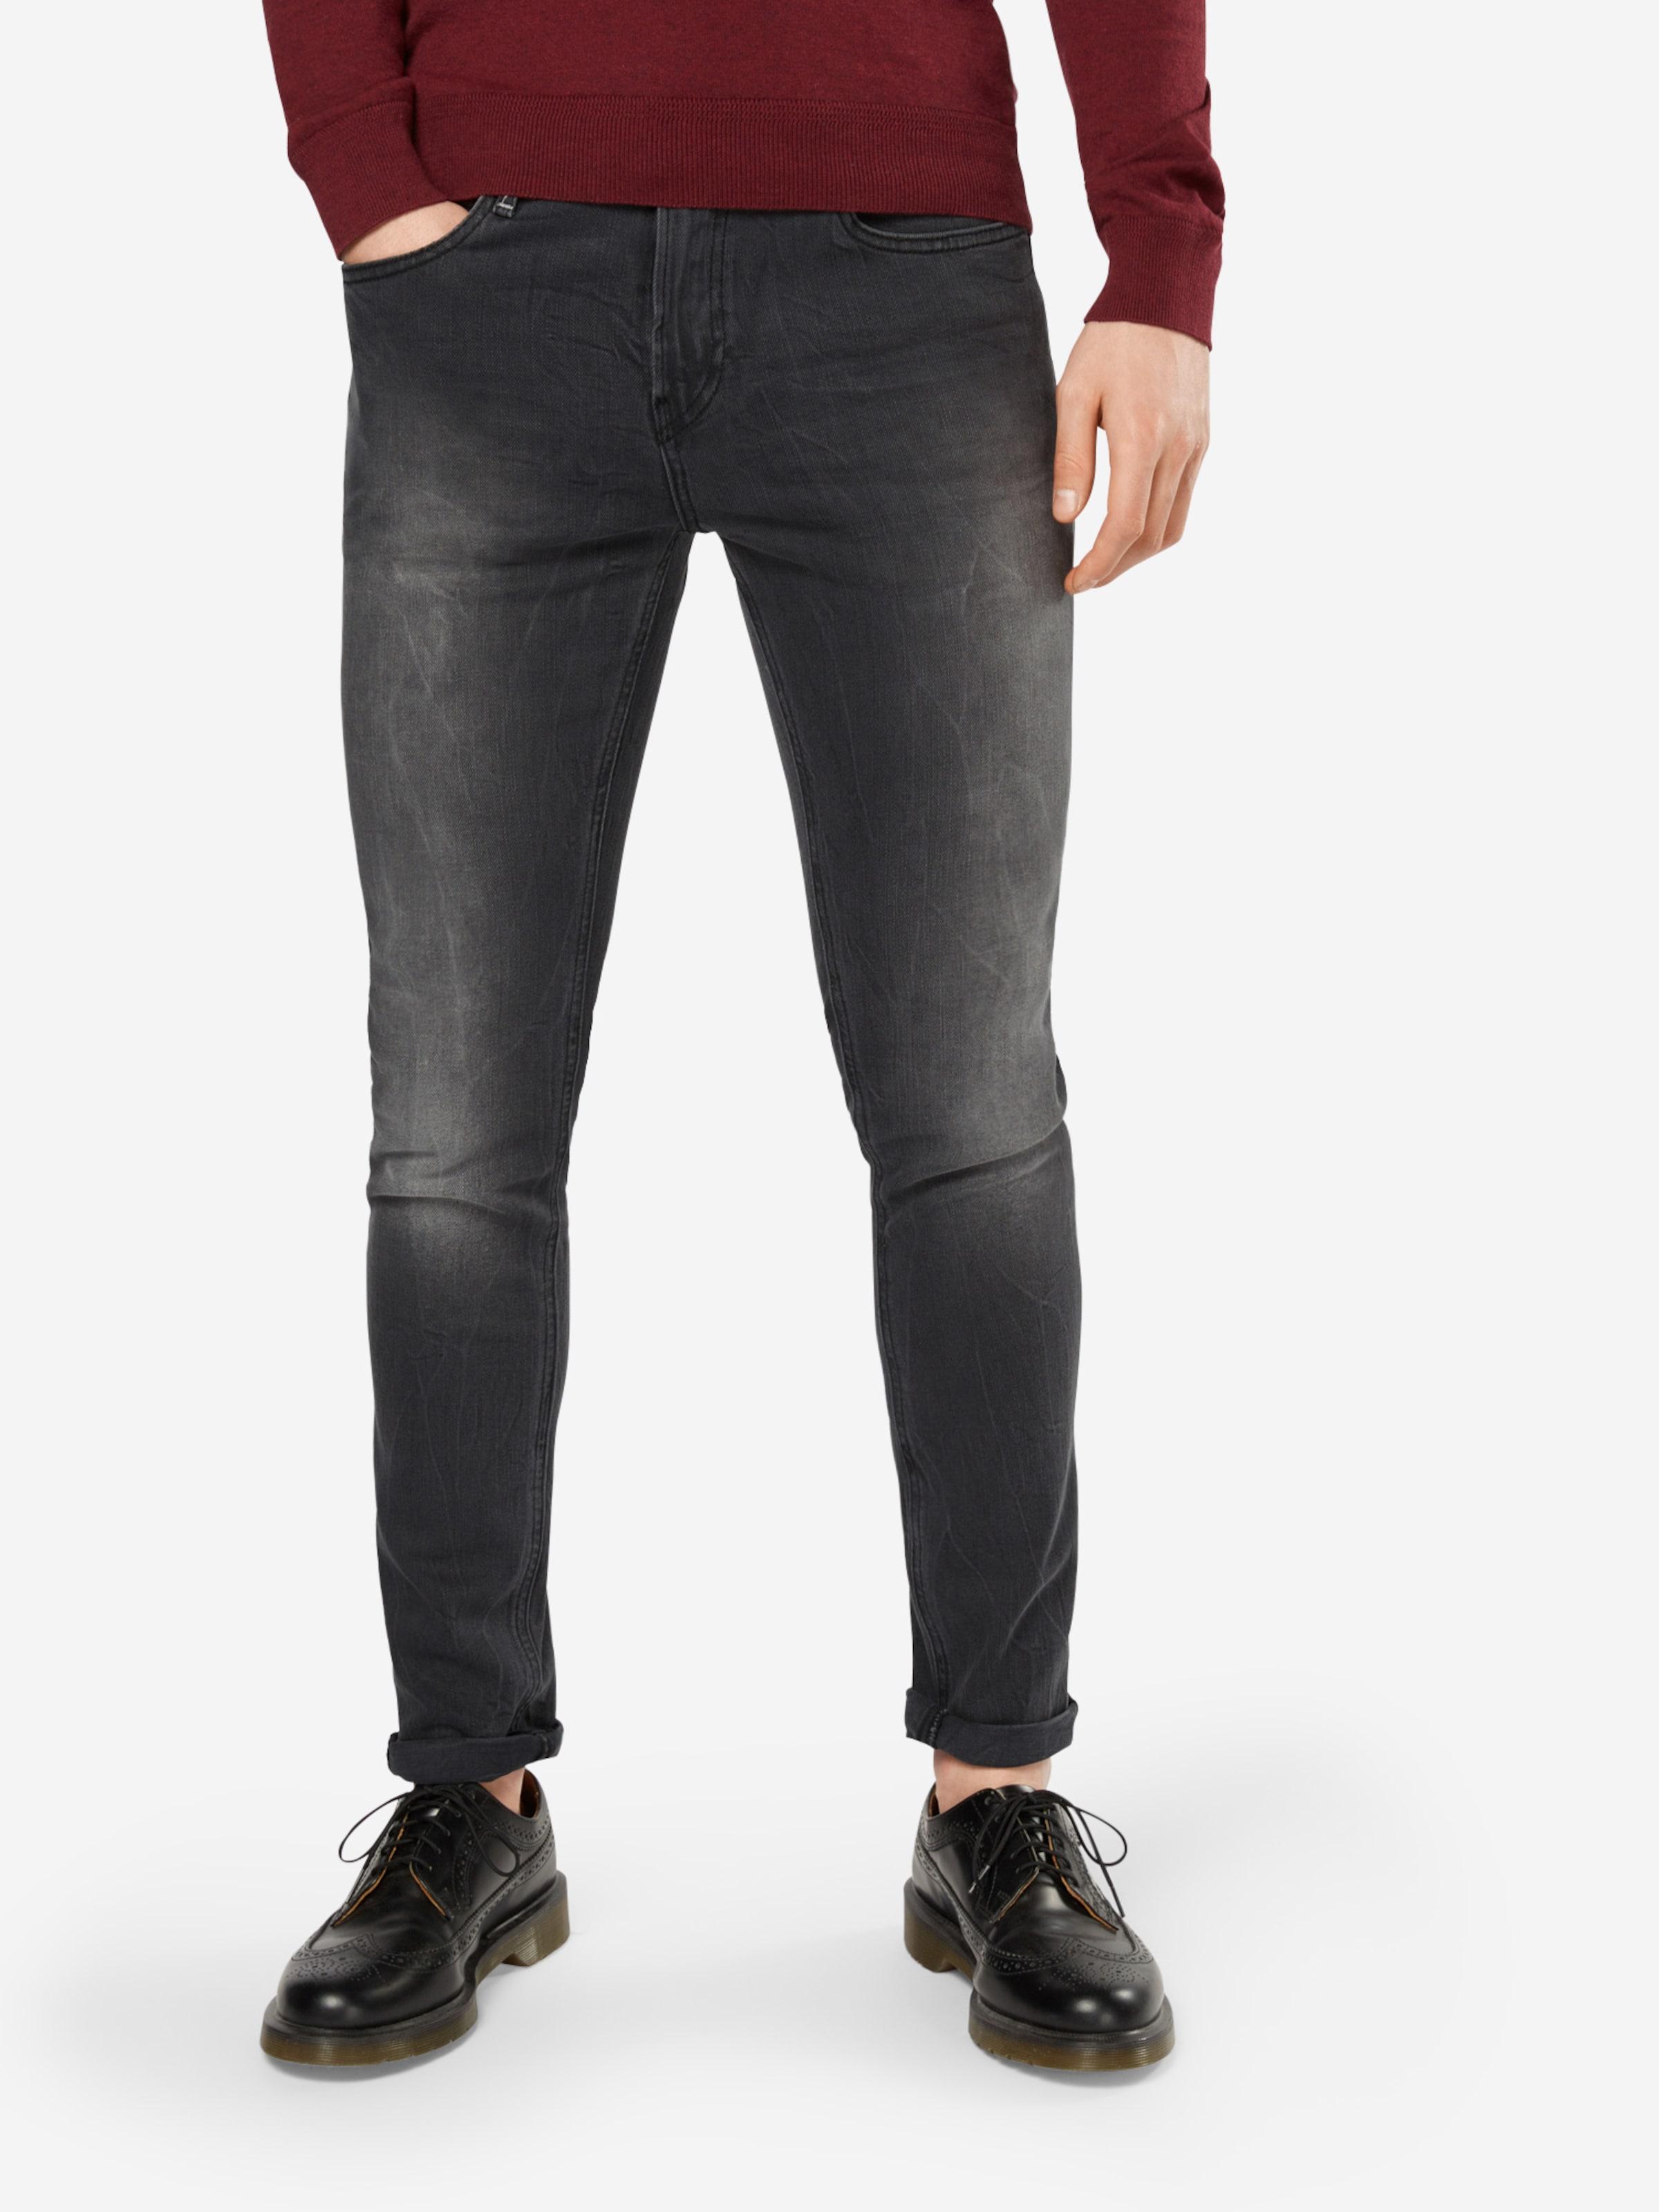 Günstig Kaufen 100% Original 2018 Günstig Online SCOTCH & SODA Jeans 'Skim - Dragster' Verkauf Visum Zahlung Steckdose Countdown-Paket Steckdose Exklusive HXwsN